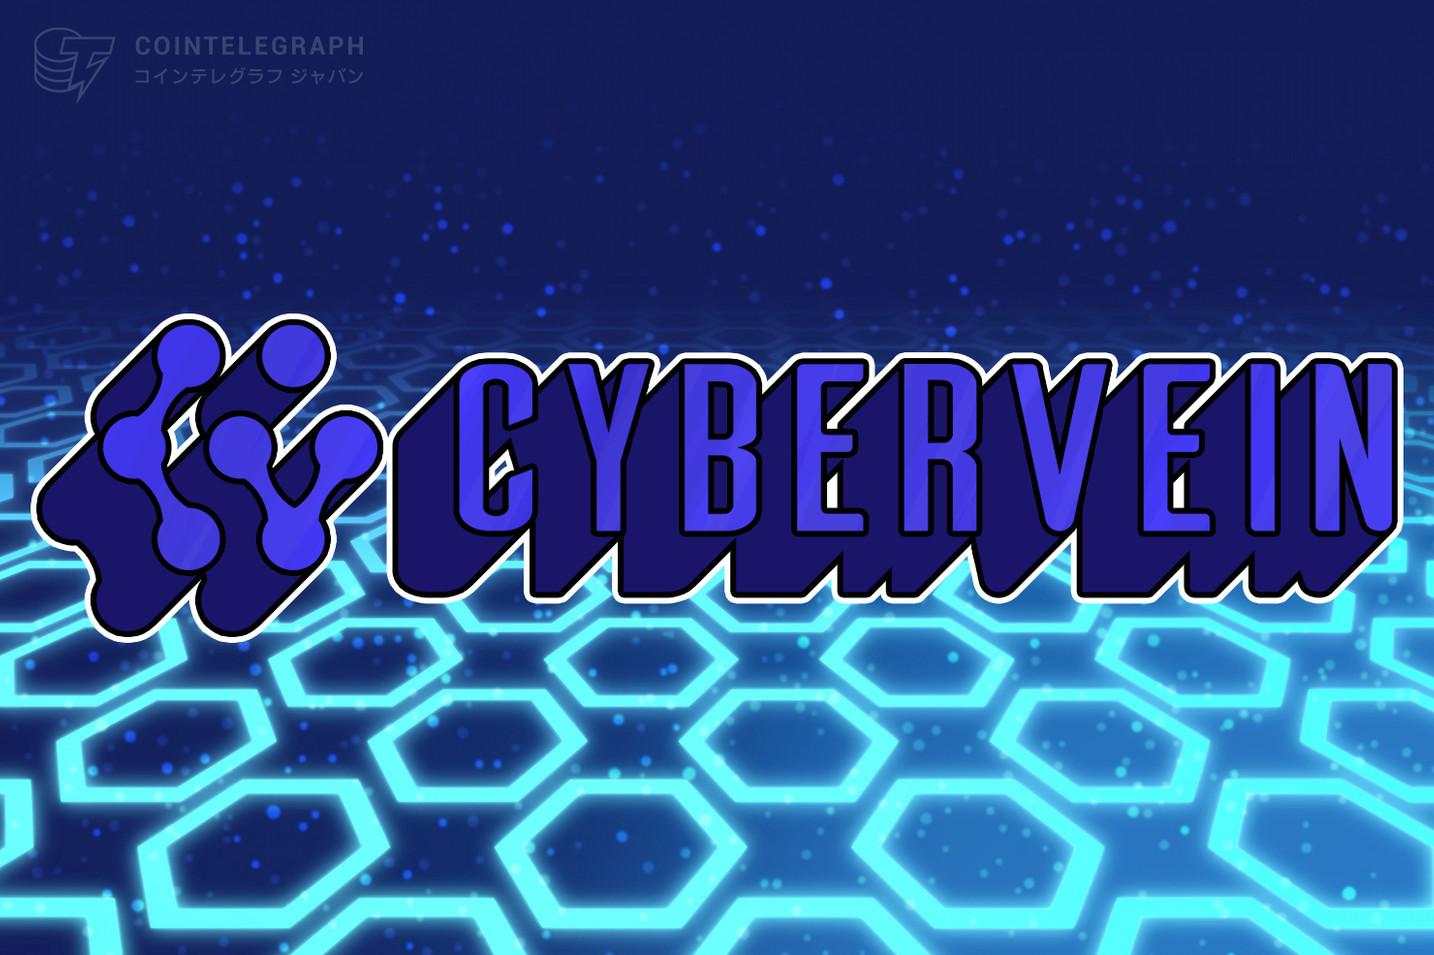 CyberVein オークション機能搭載のNFTプラットフォームを公開